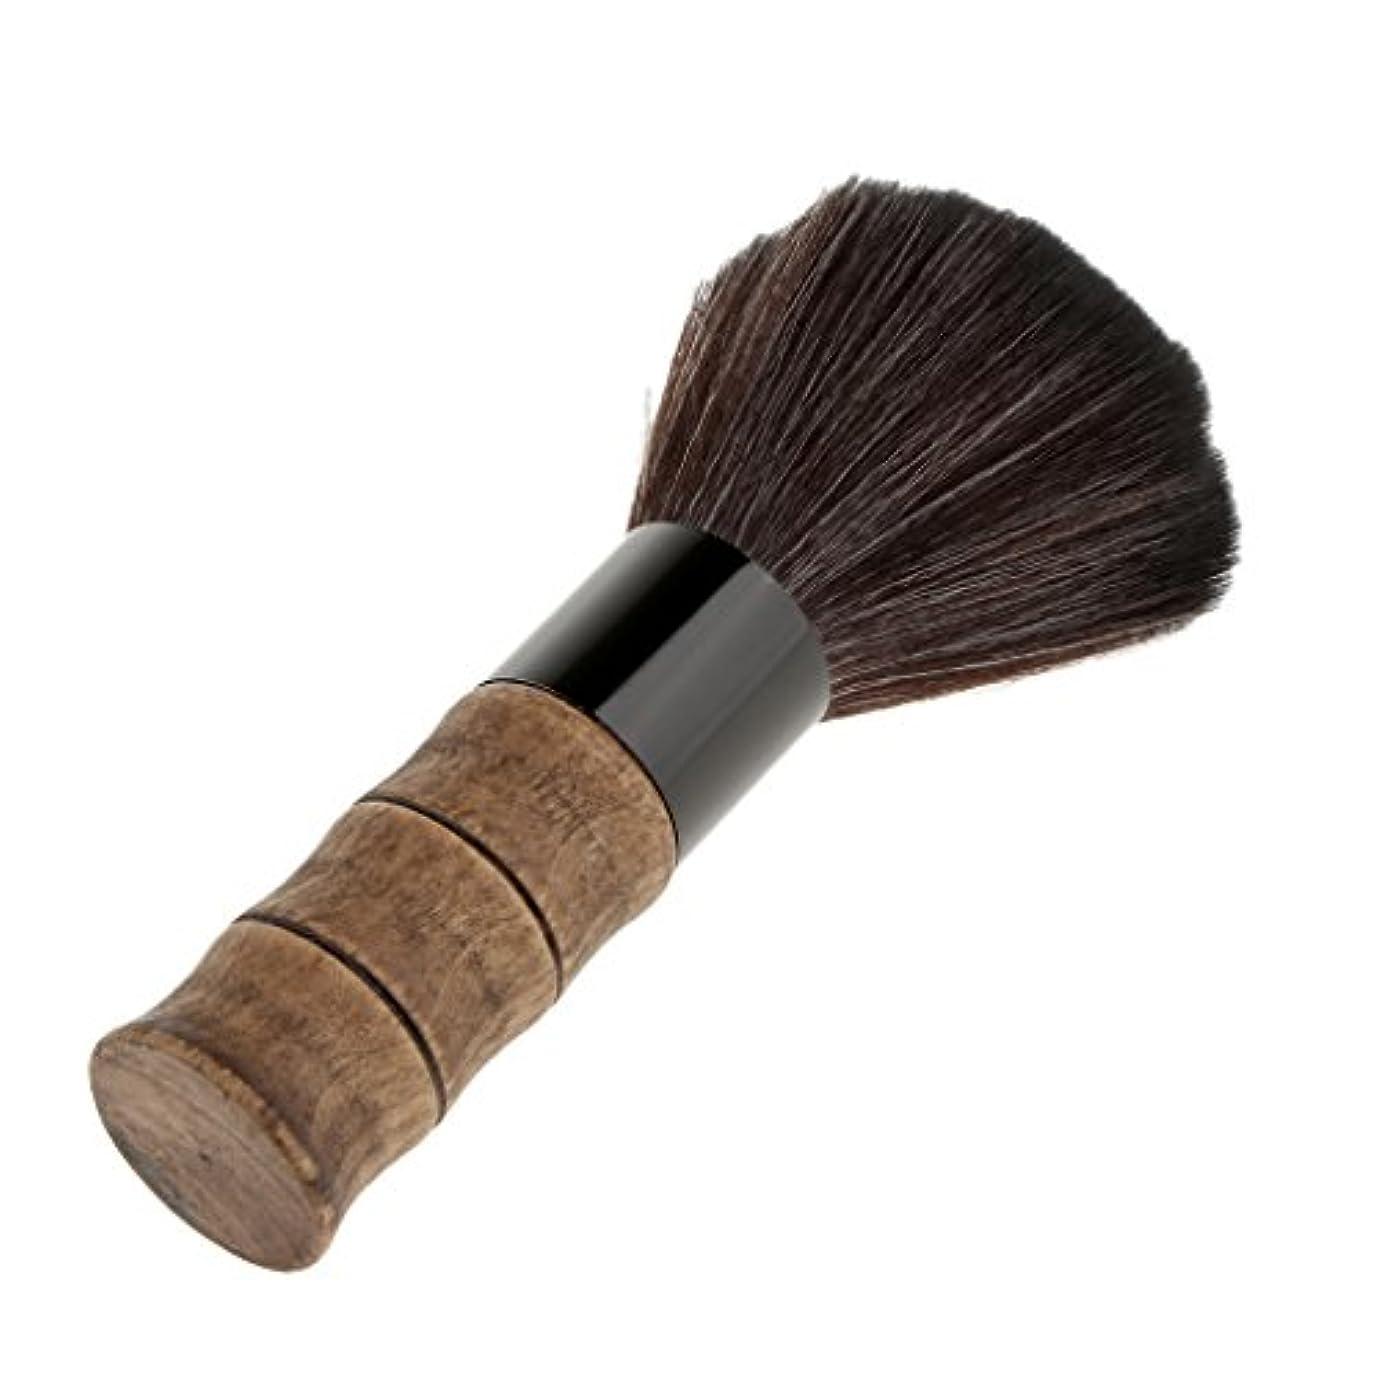 天国パパふつうブラシ シェービングブラシ メイクブラシ ソフト 超柔らかい 繊維 洗顔 木製ハンドル 泡立ち 2色選べる - ブラック